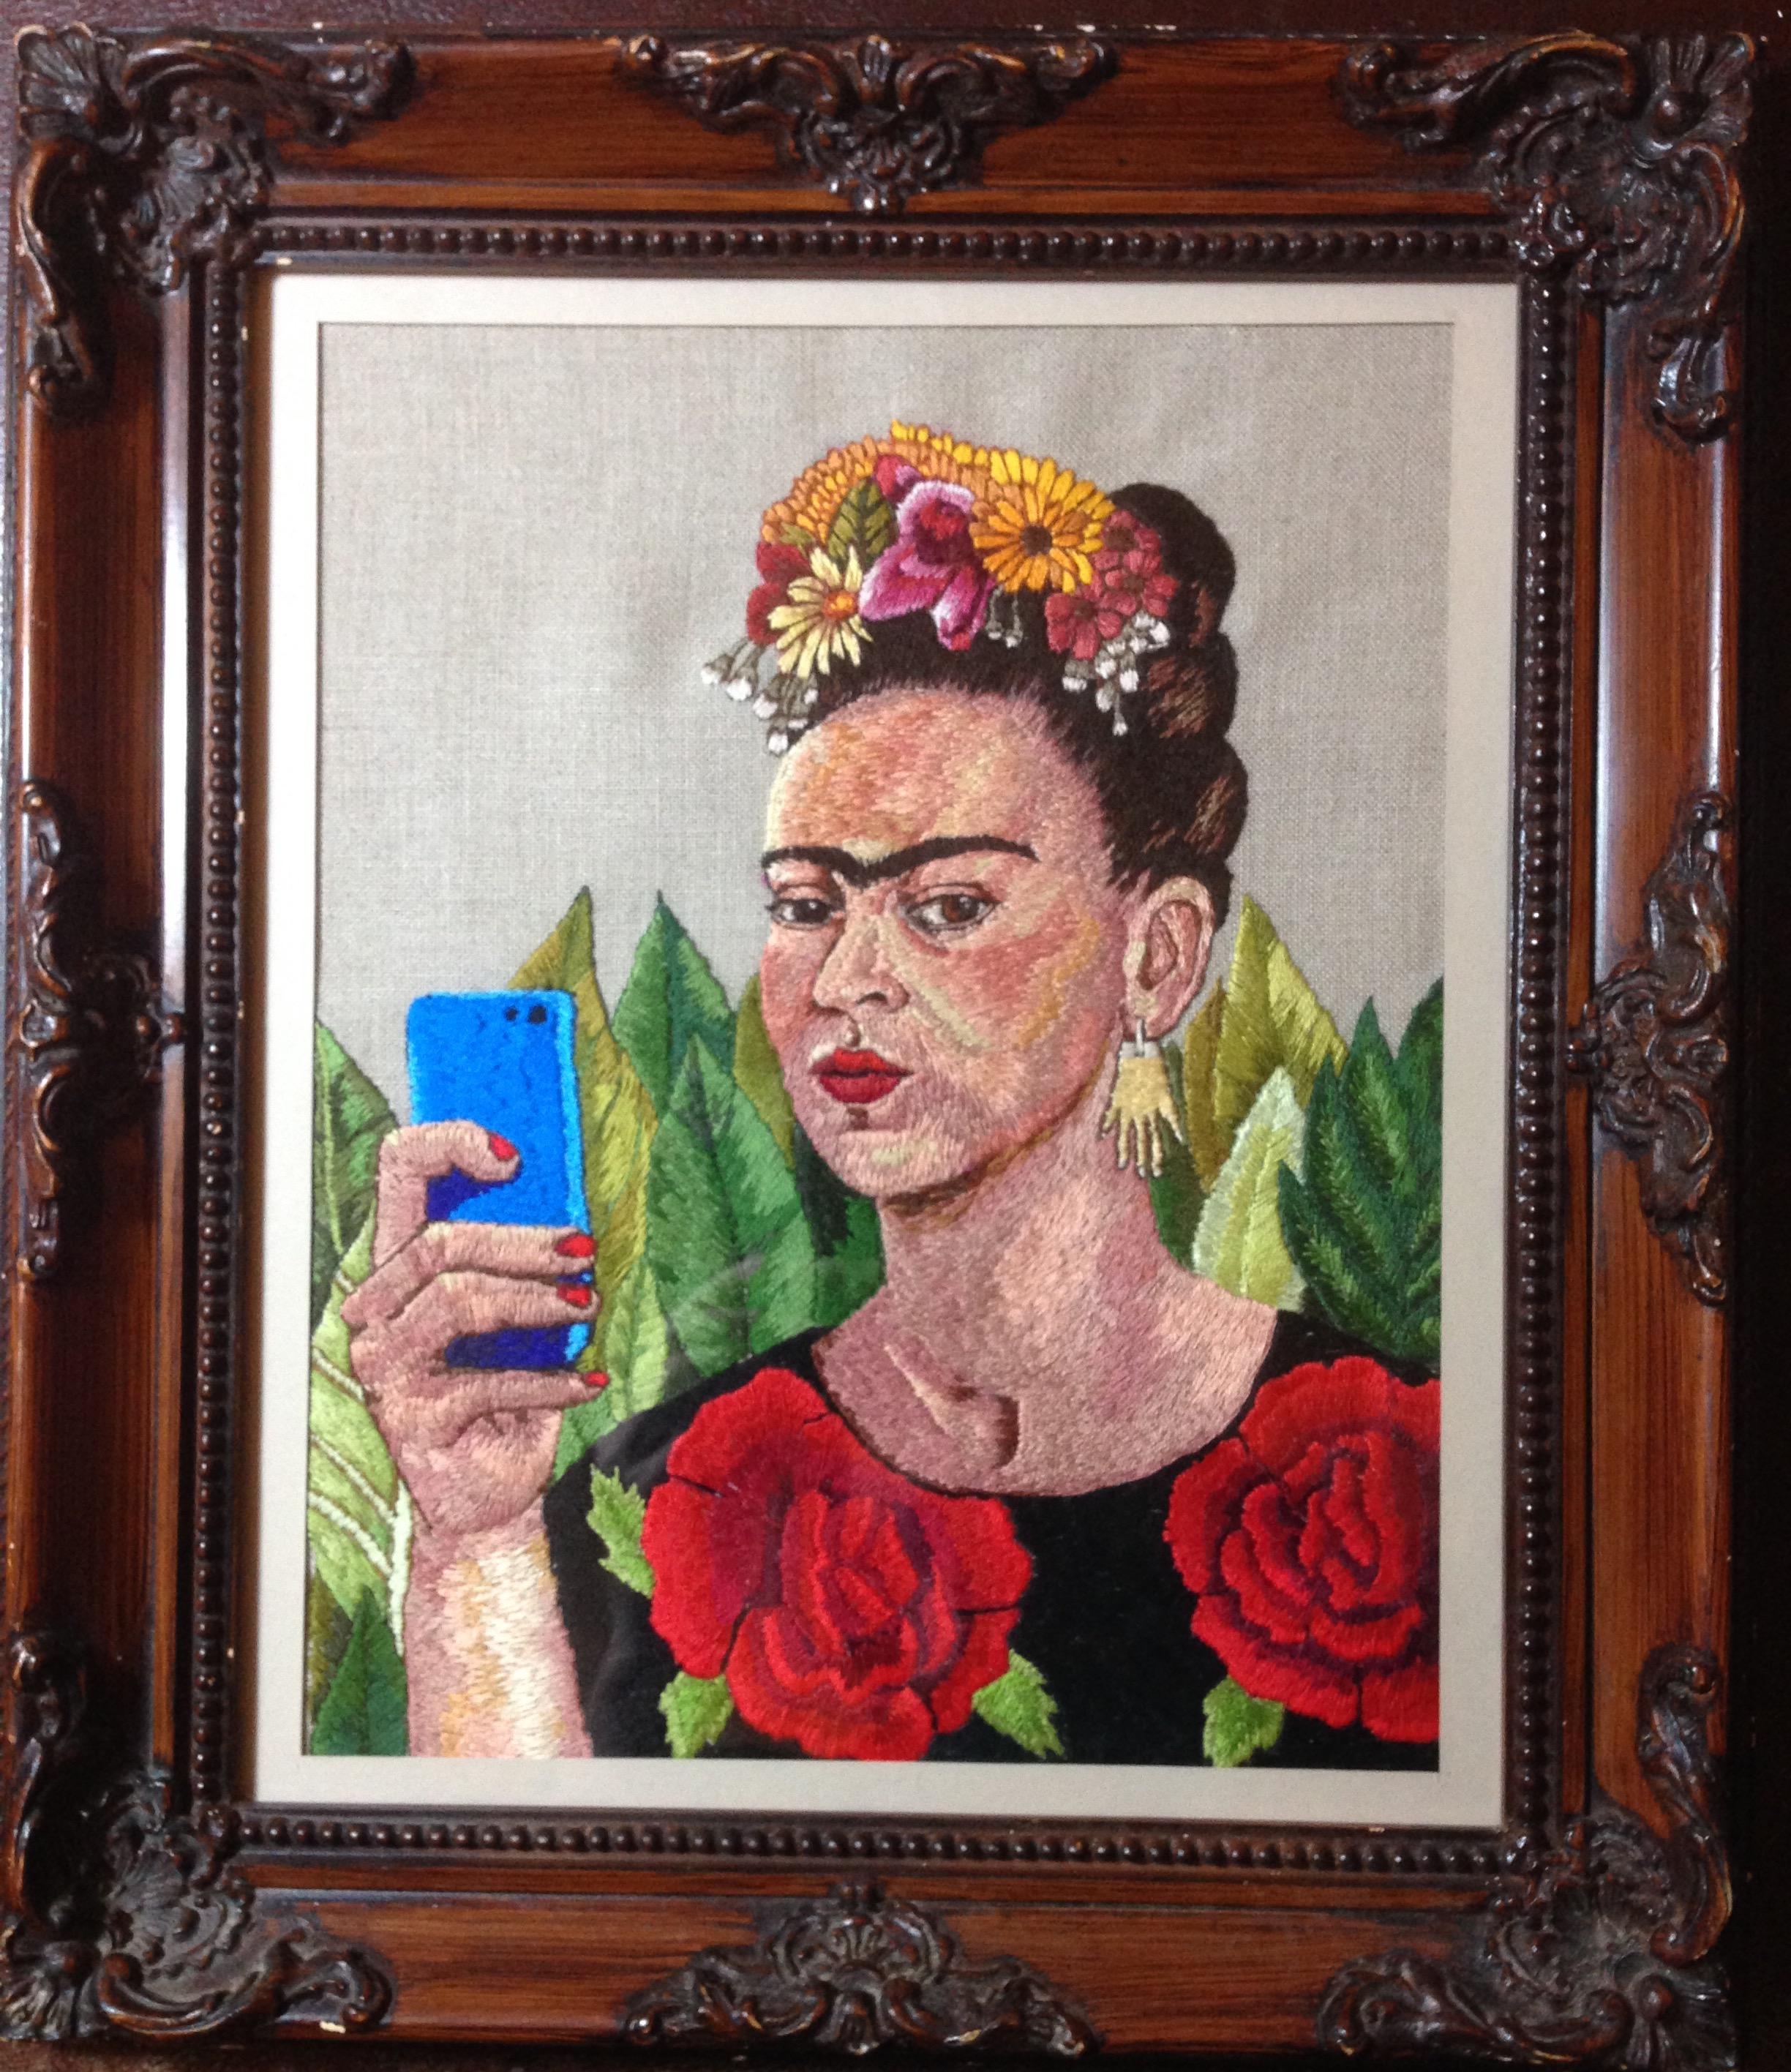 Nicole O_Loughlin_The Original Selfie.jpg